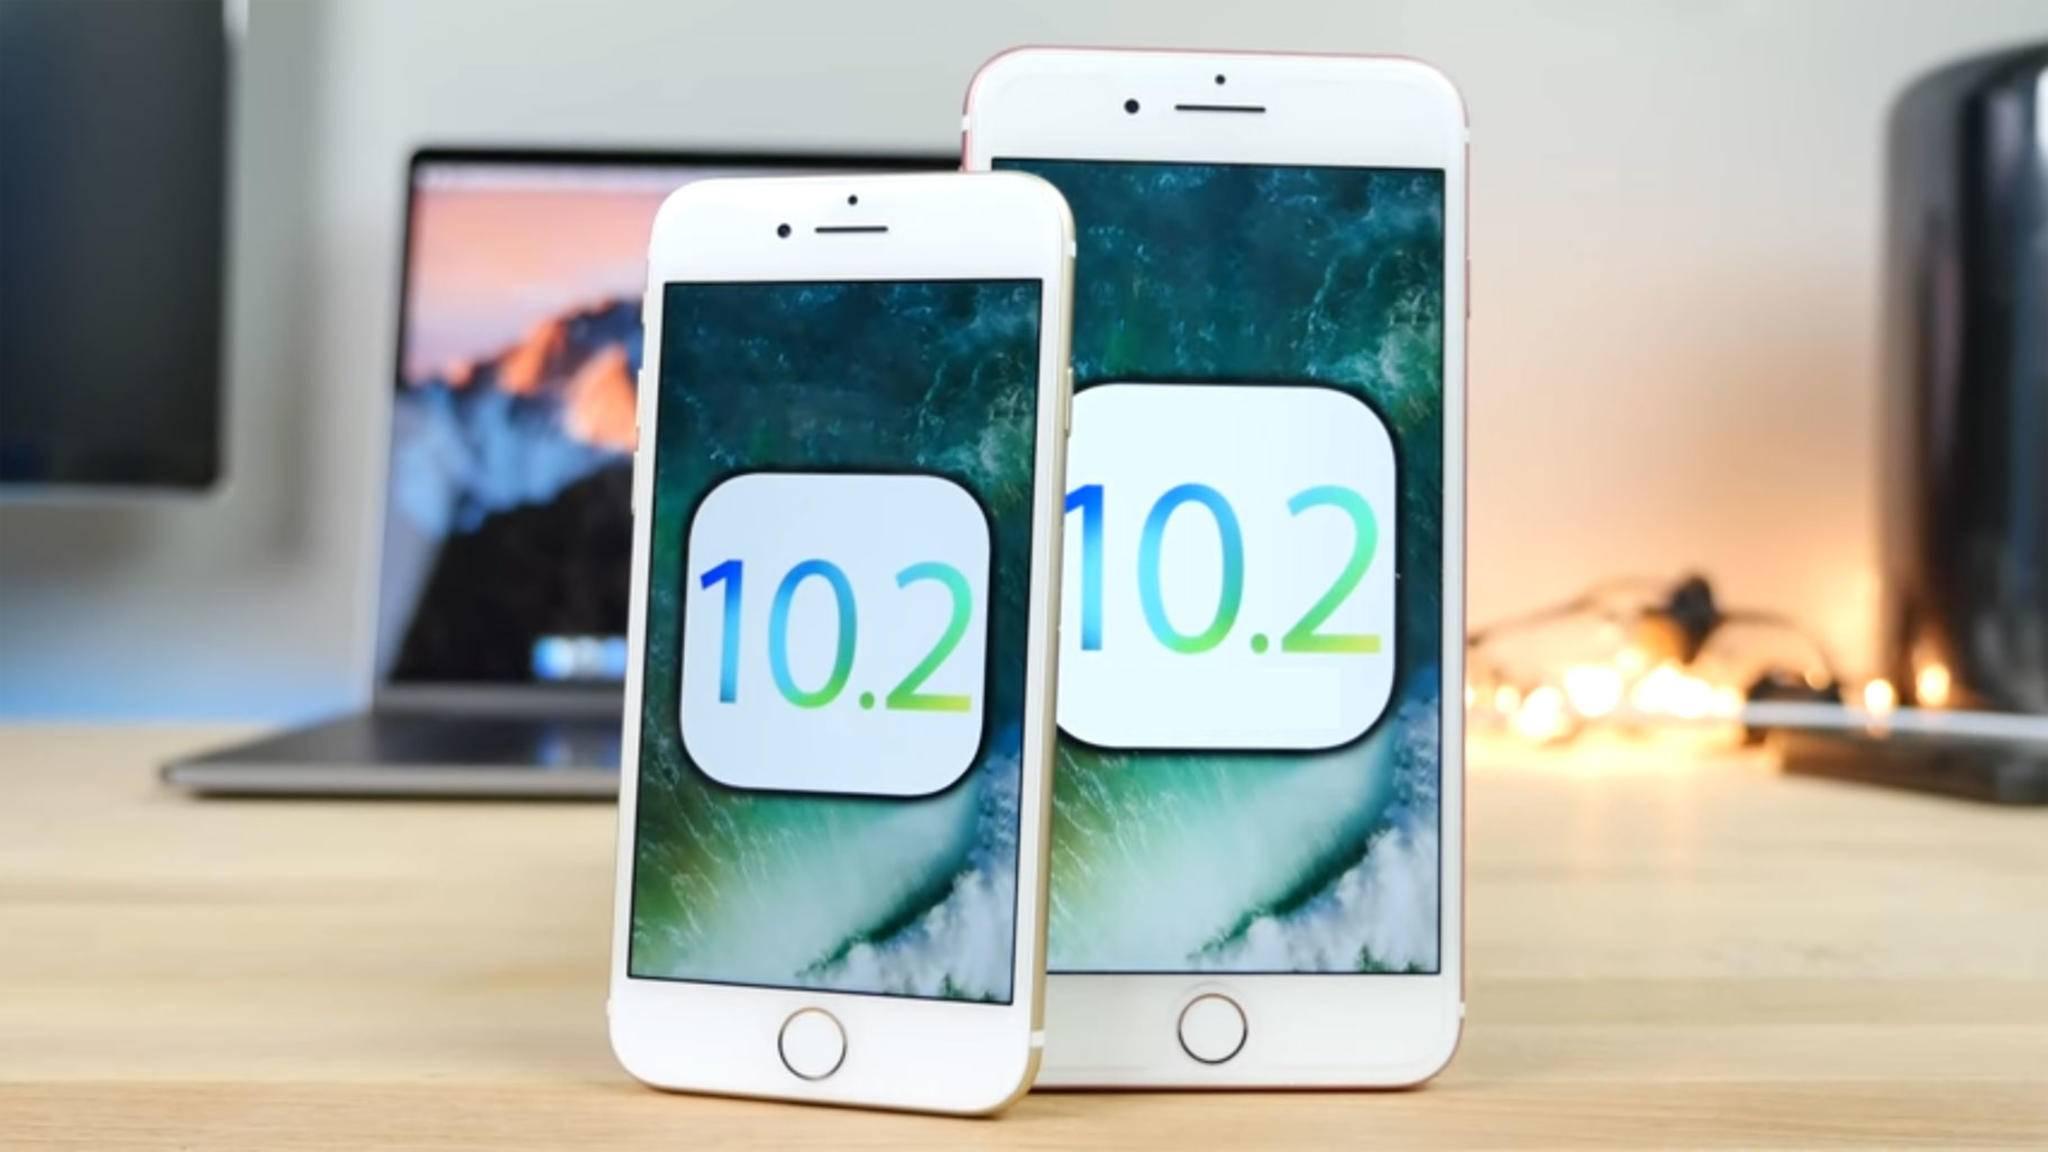 Nach sieben Beta-Versionen ist iOS 10.2 endlich final.